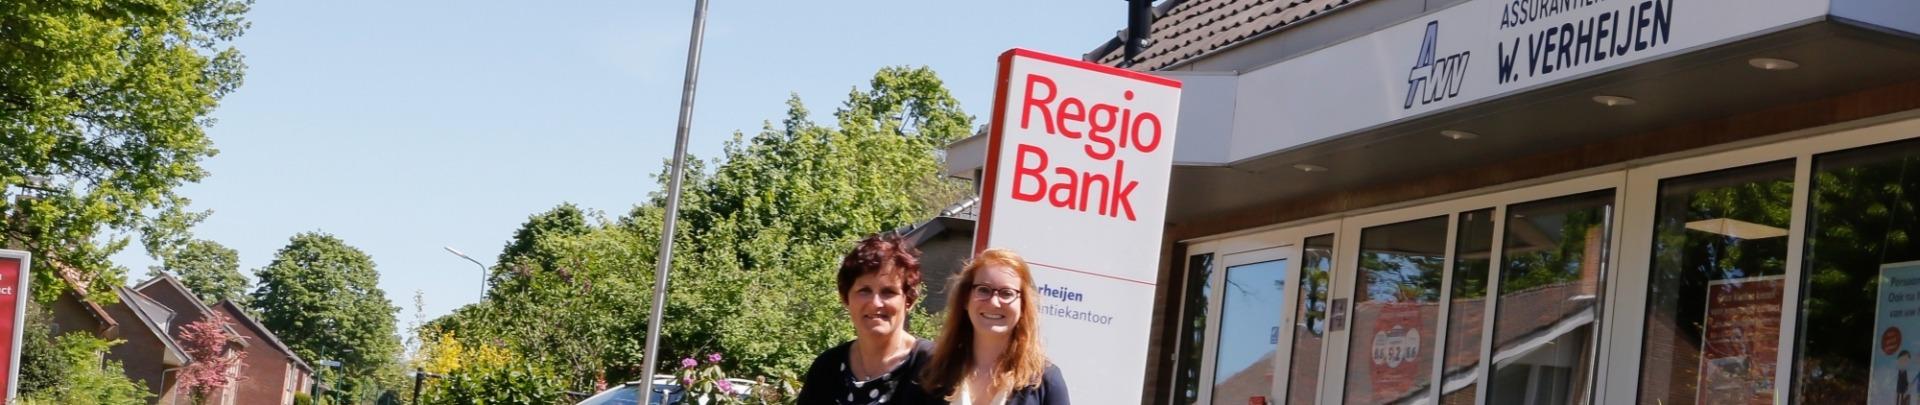 Verheijen Regiobank